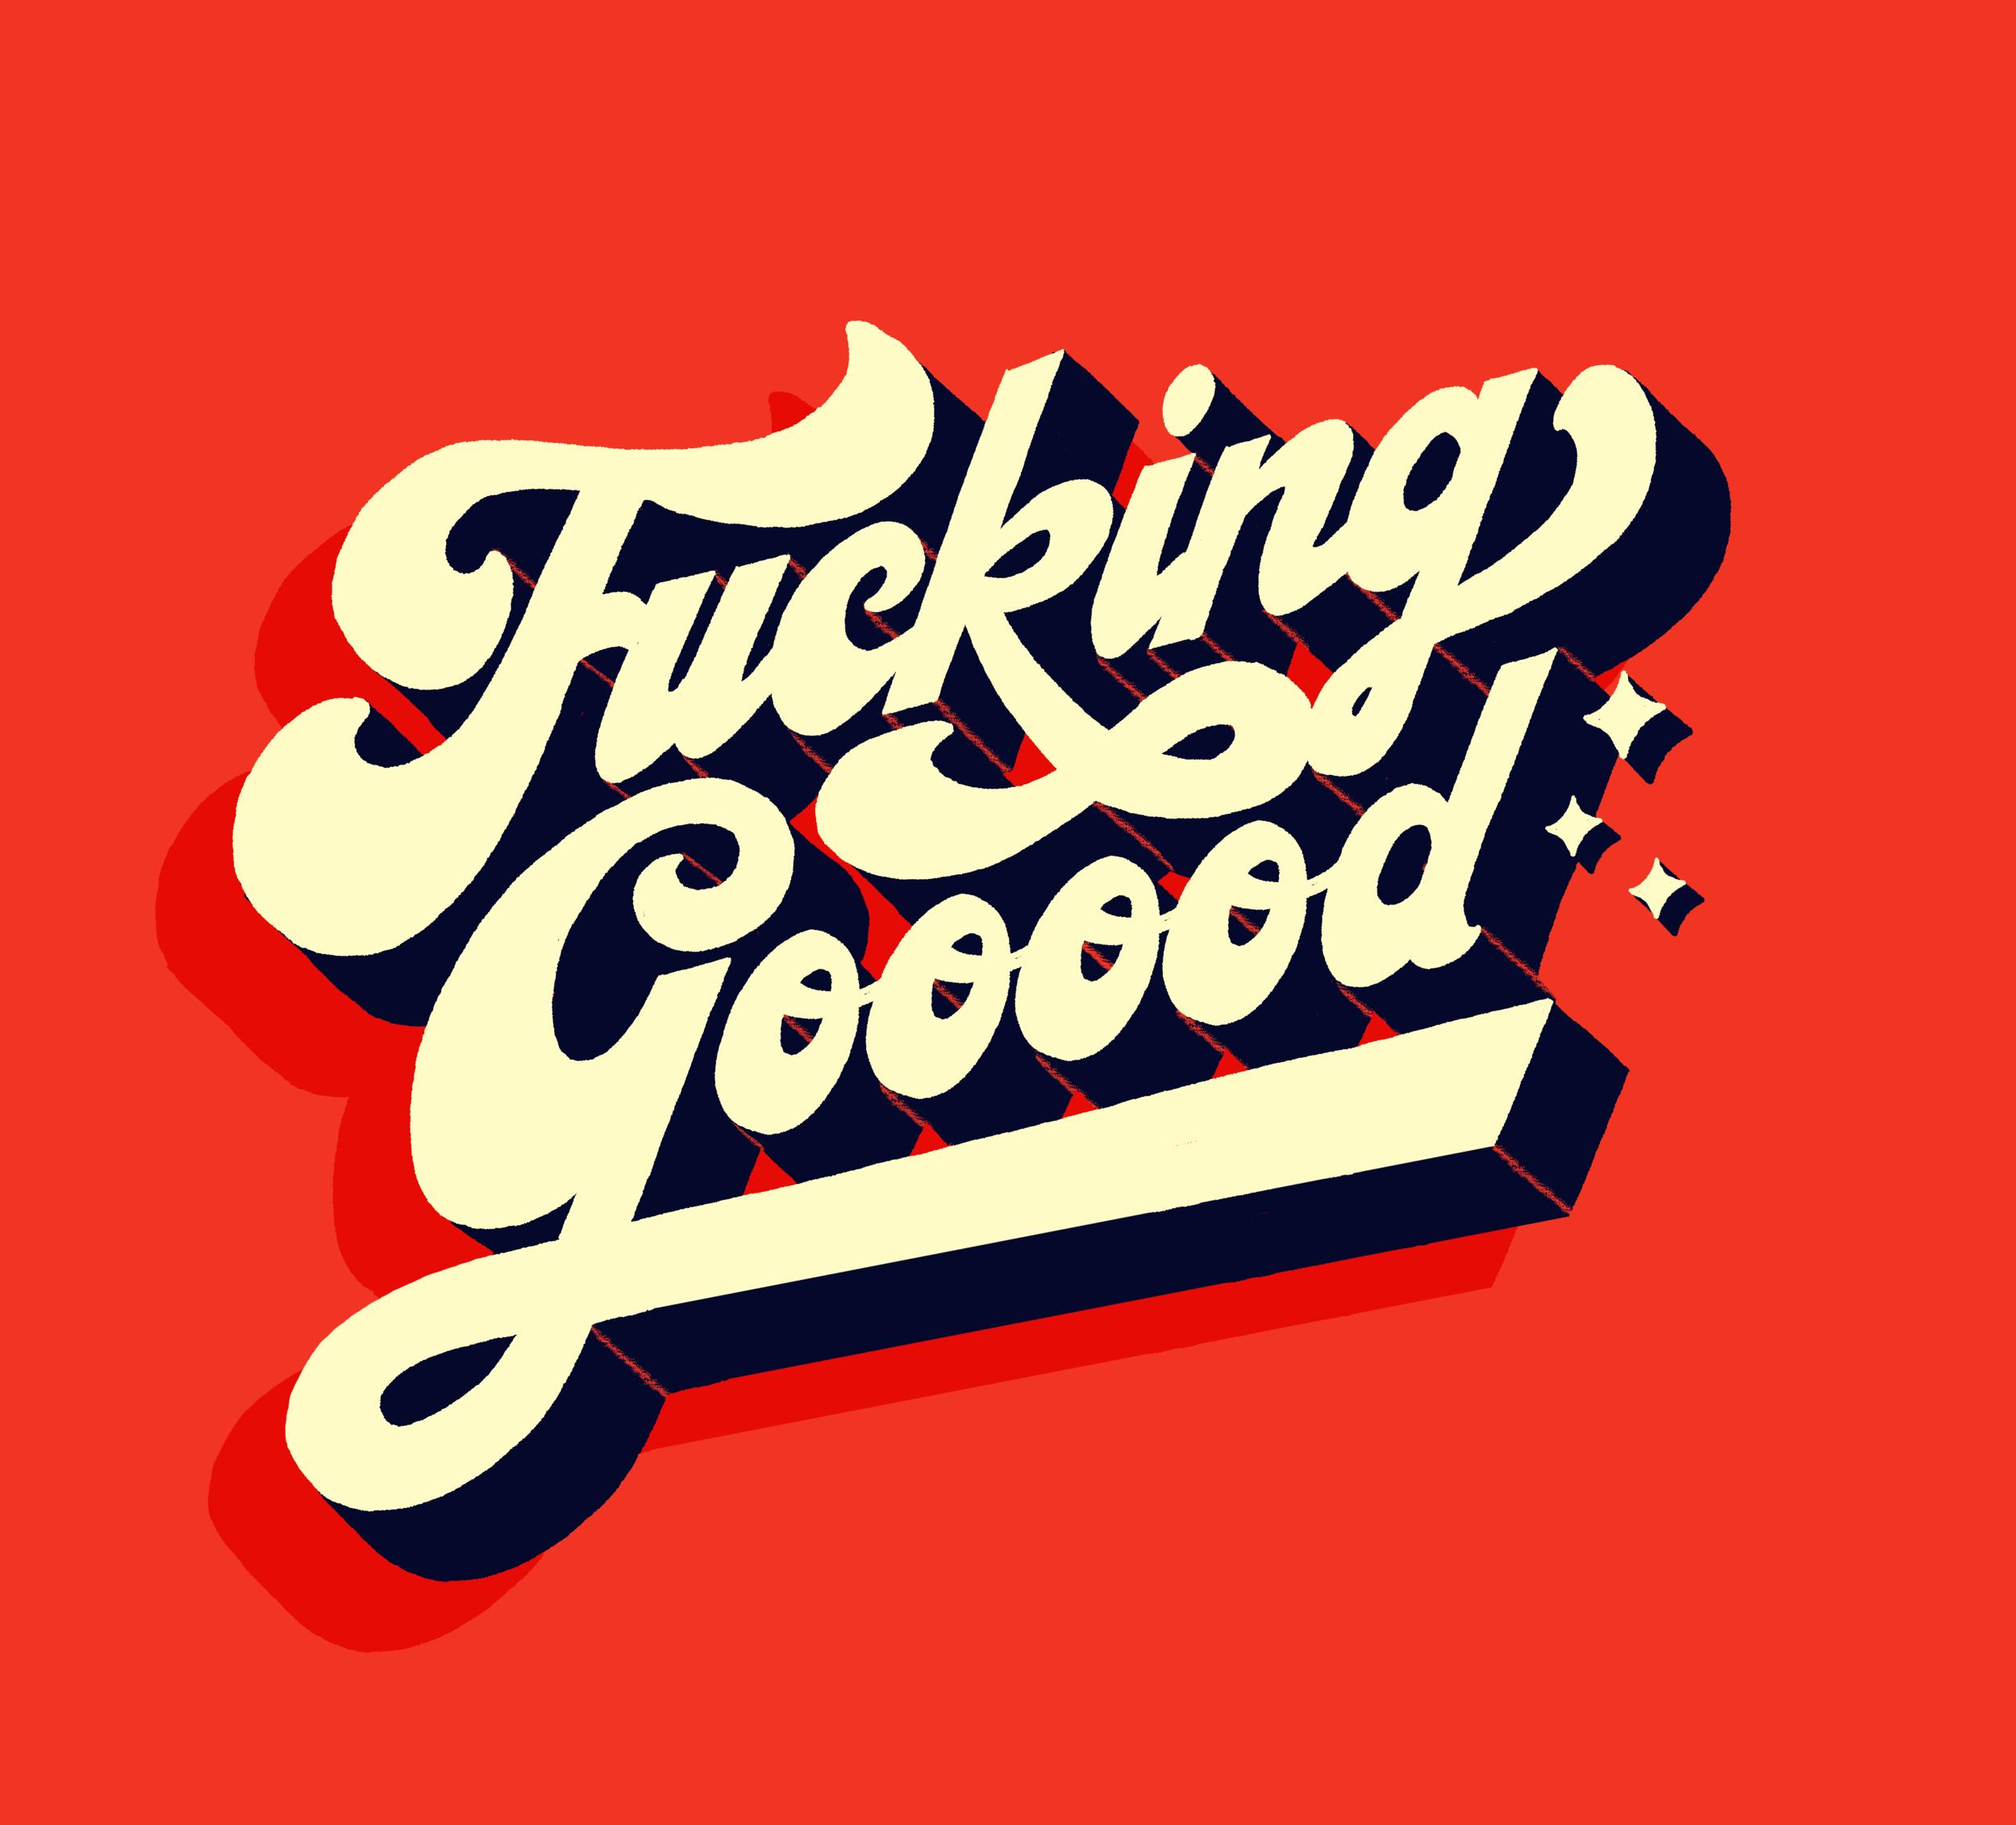 feels_good_free.png